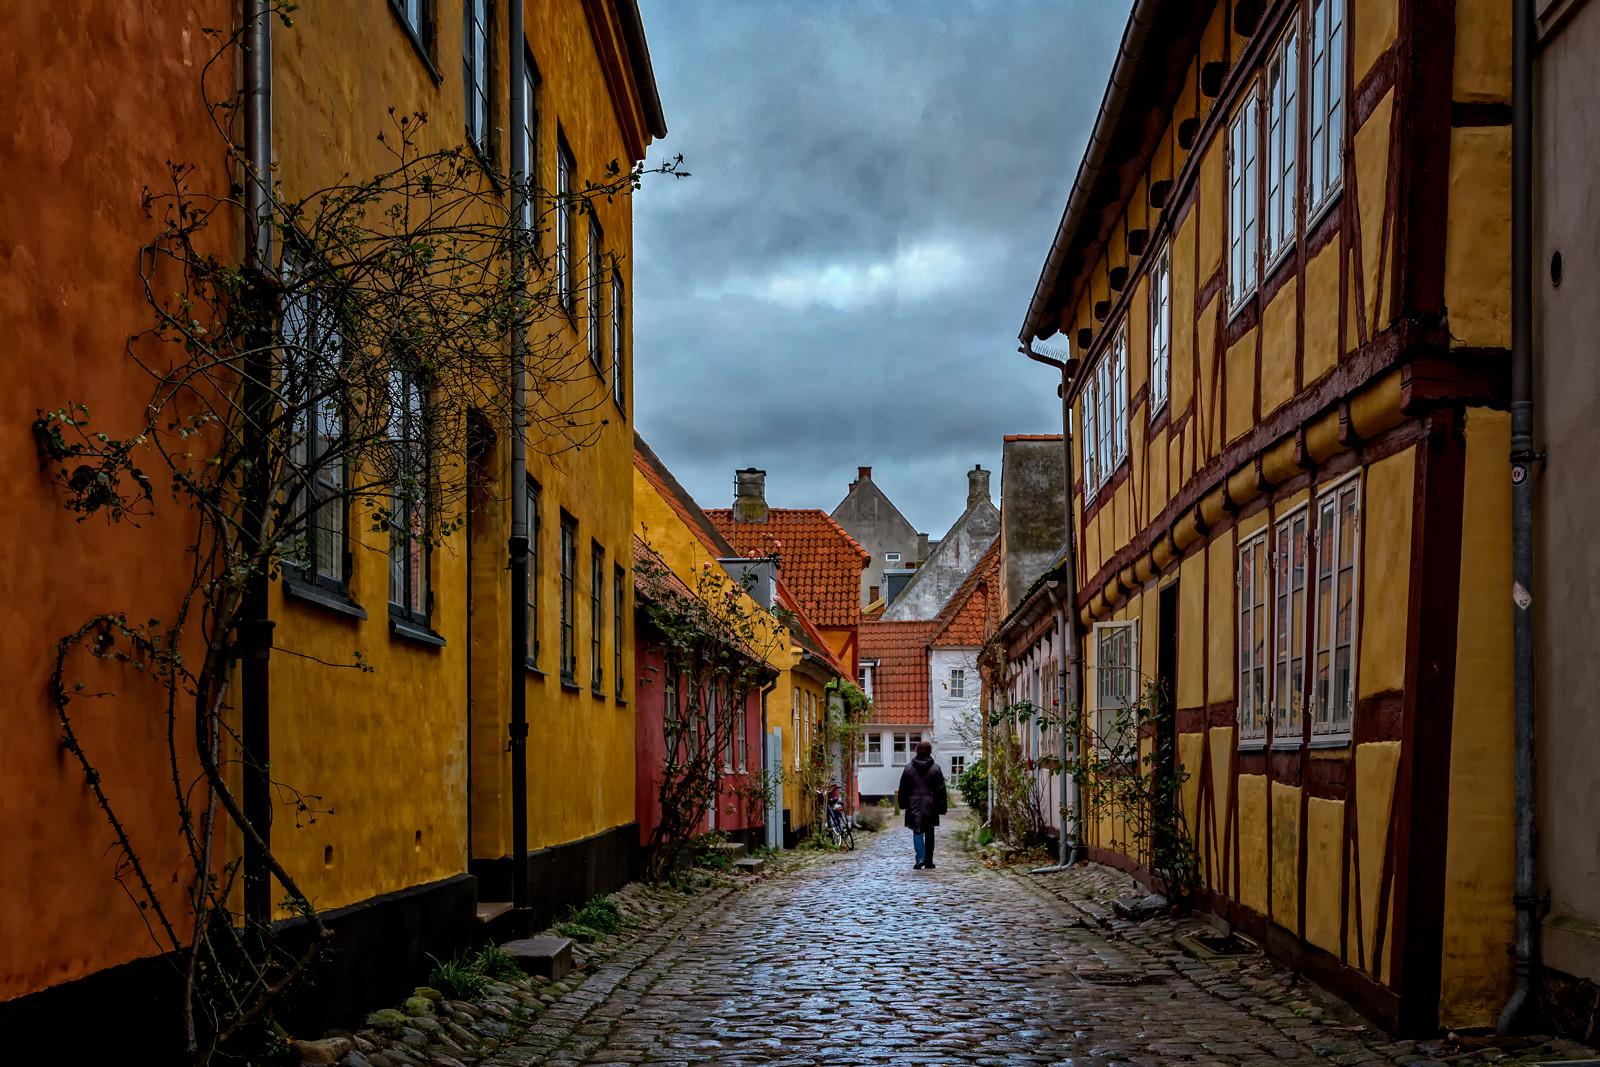 Ulica iz 1600. godine